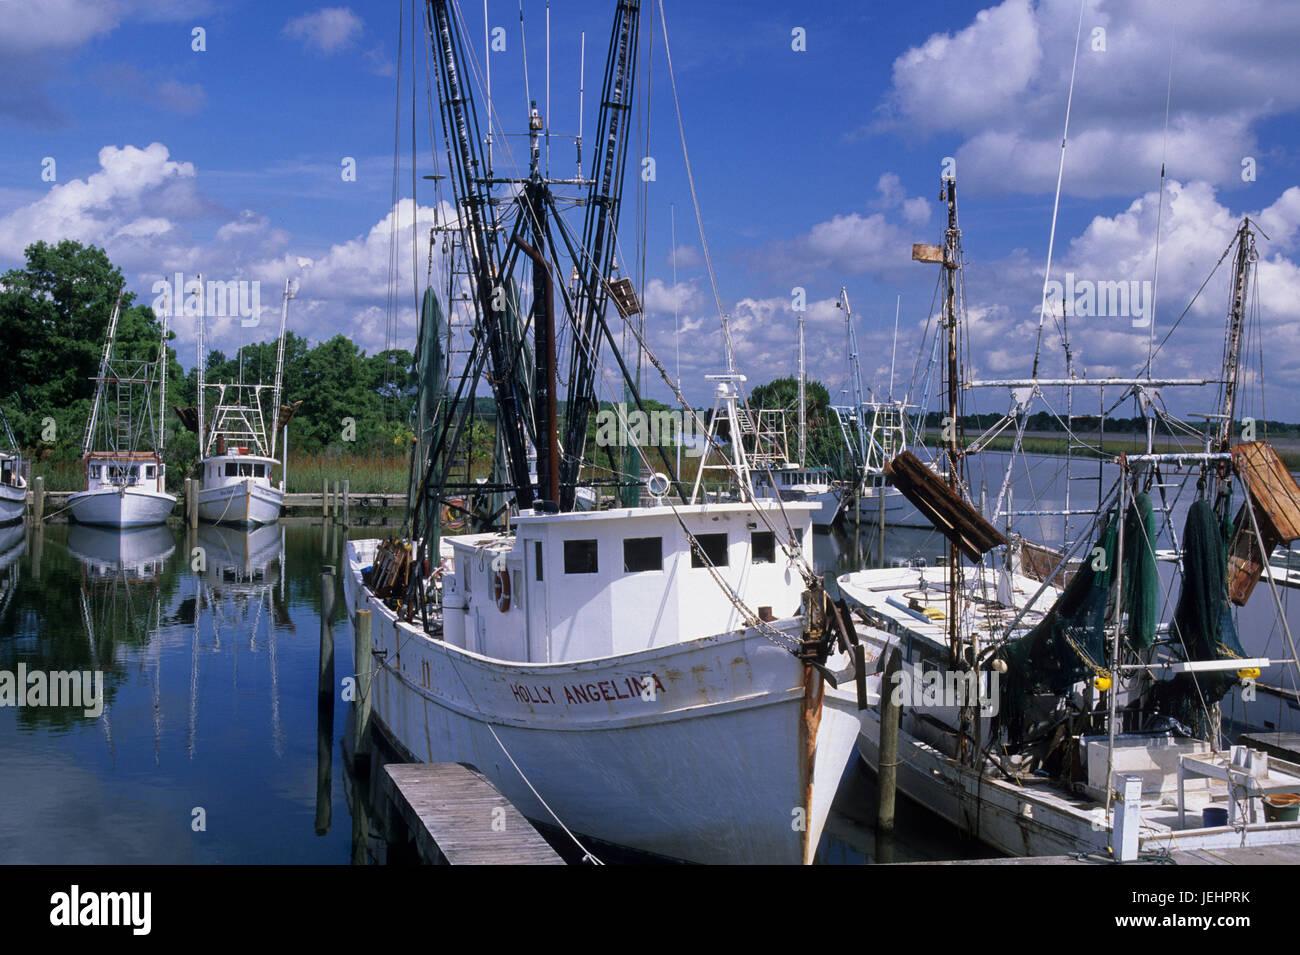 Shrimp boat, Apalachicola, Florida - Stock Image